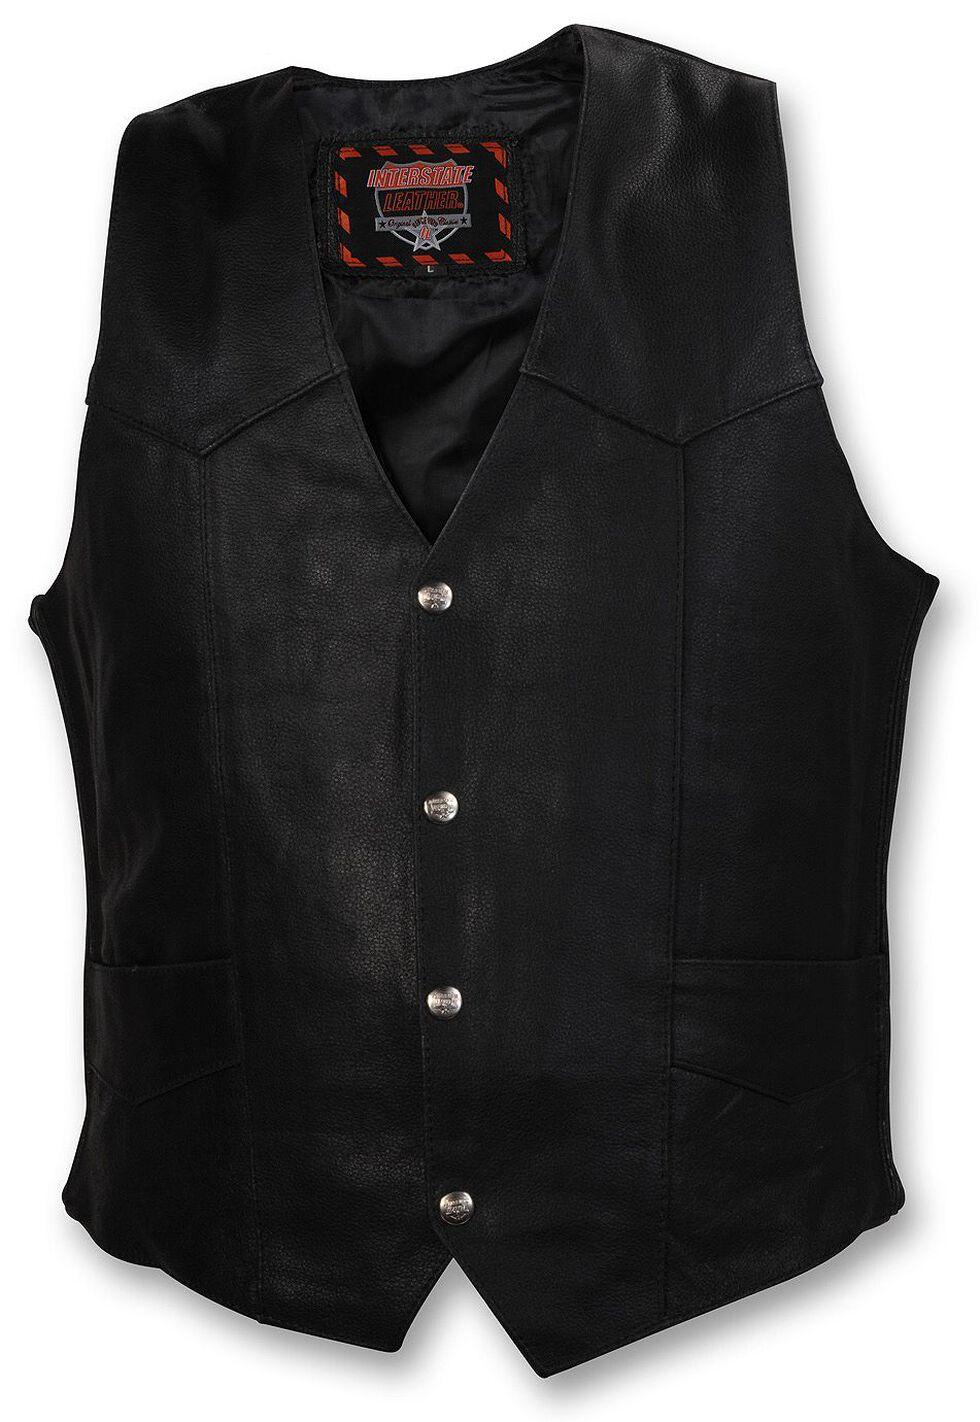 Interstate Leather Motorcycle Vest - XL, Black, hi-res